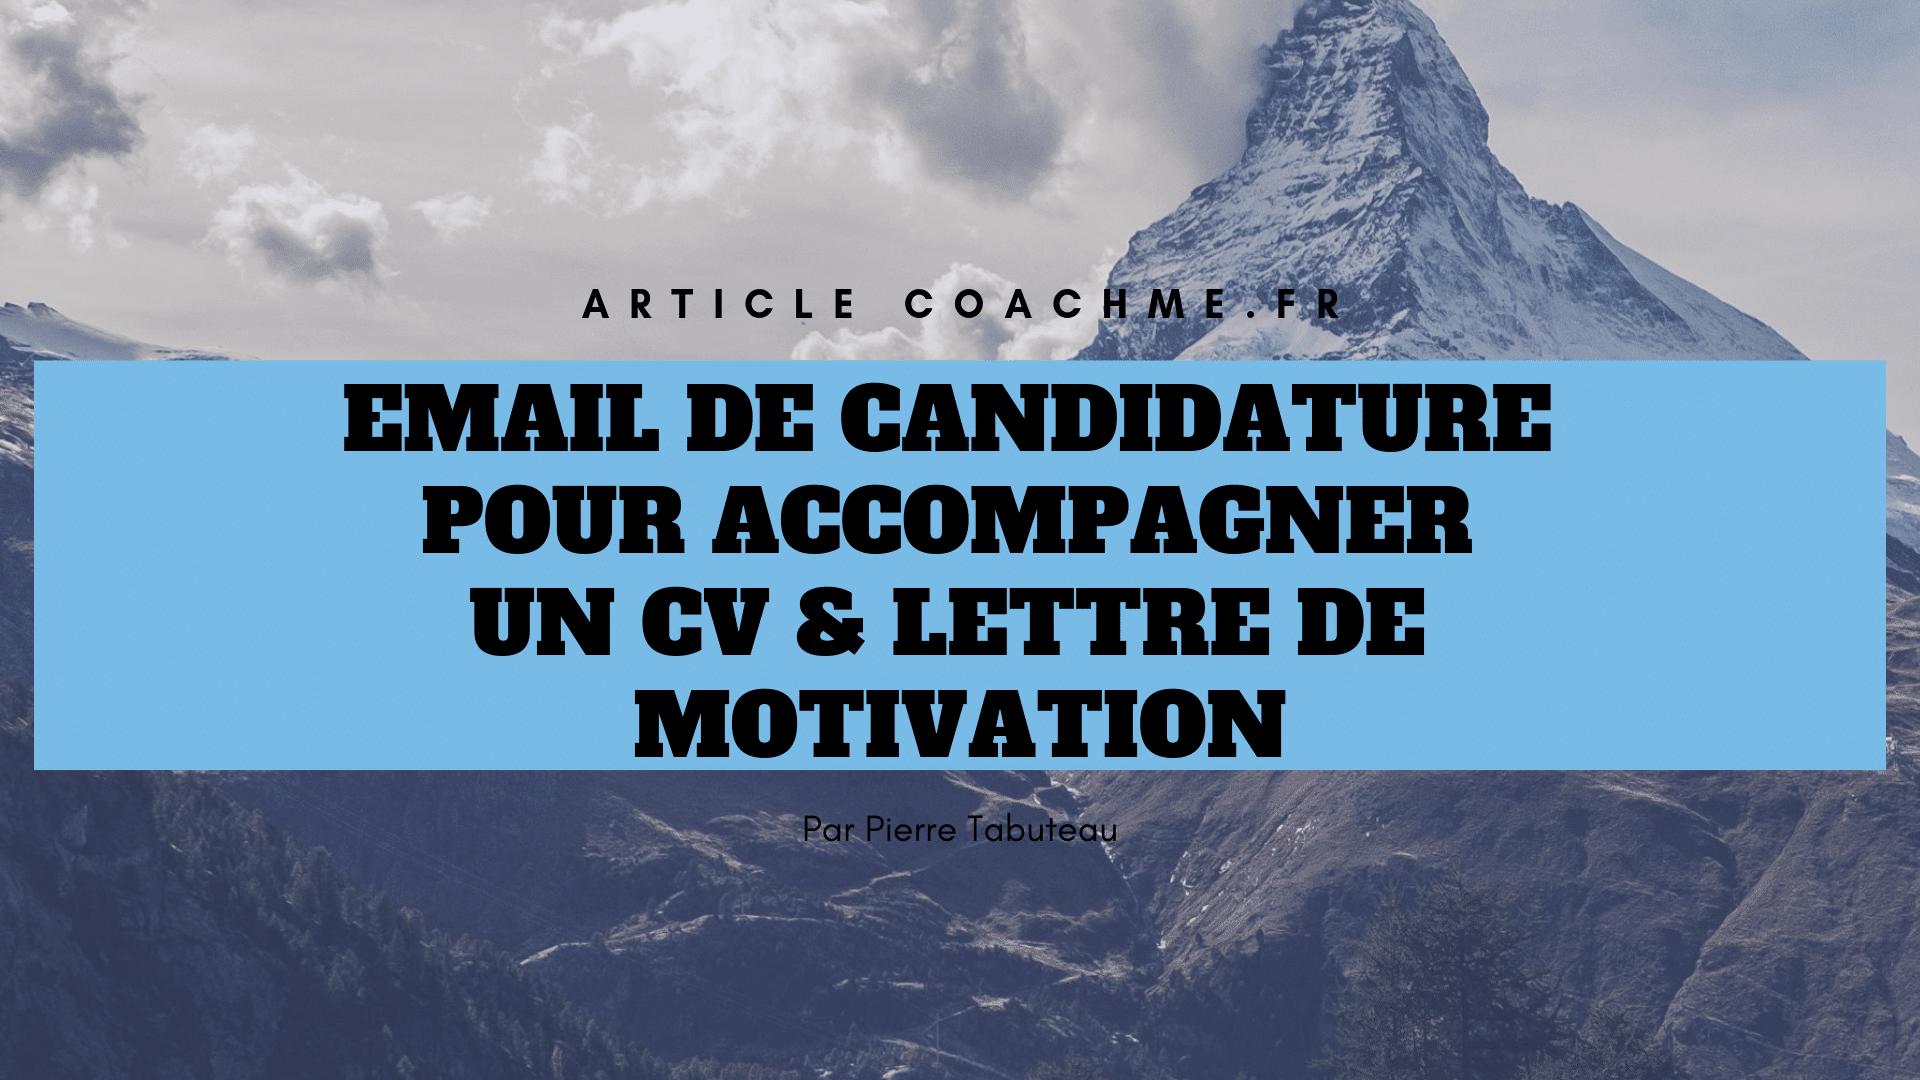 email de candidature pour accompagner un cv  u0026 lettre de motivation